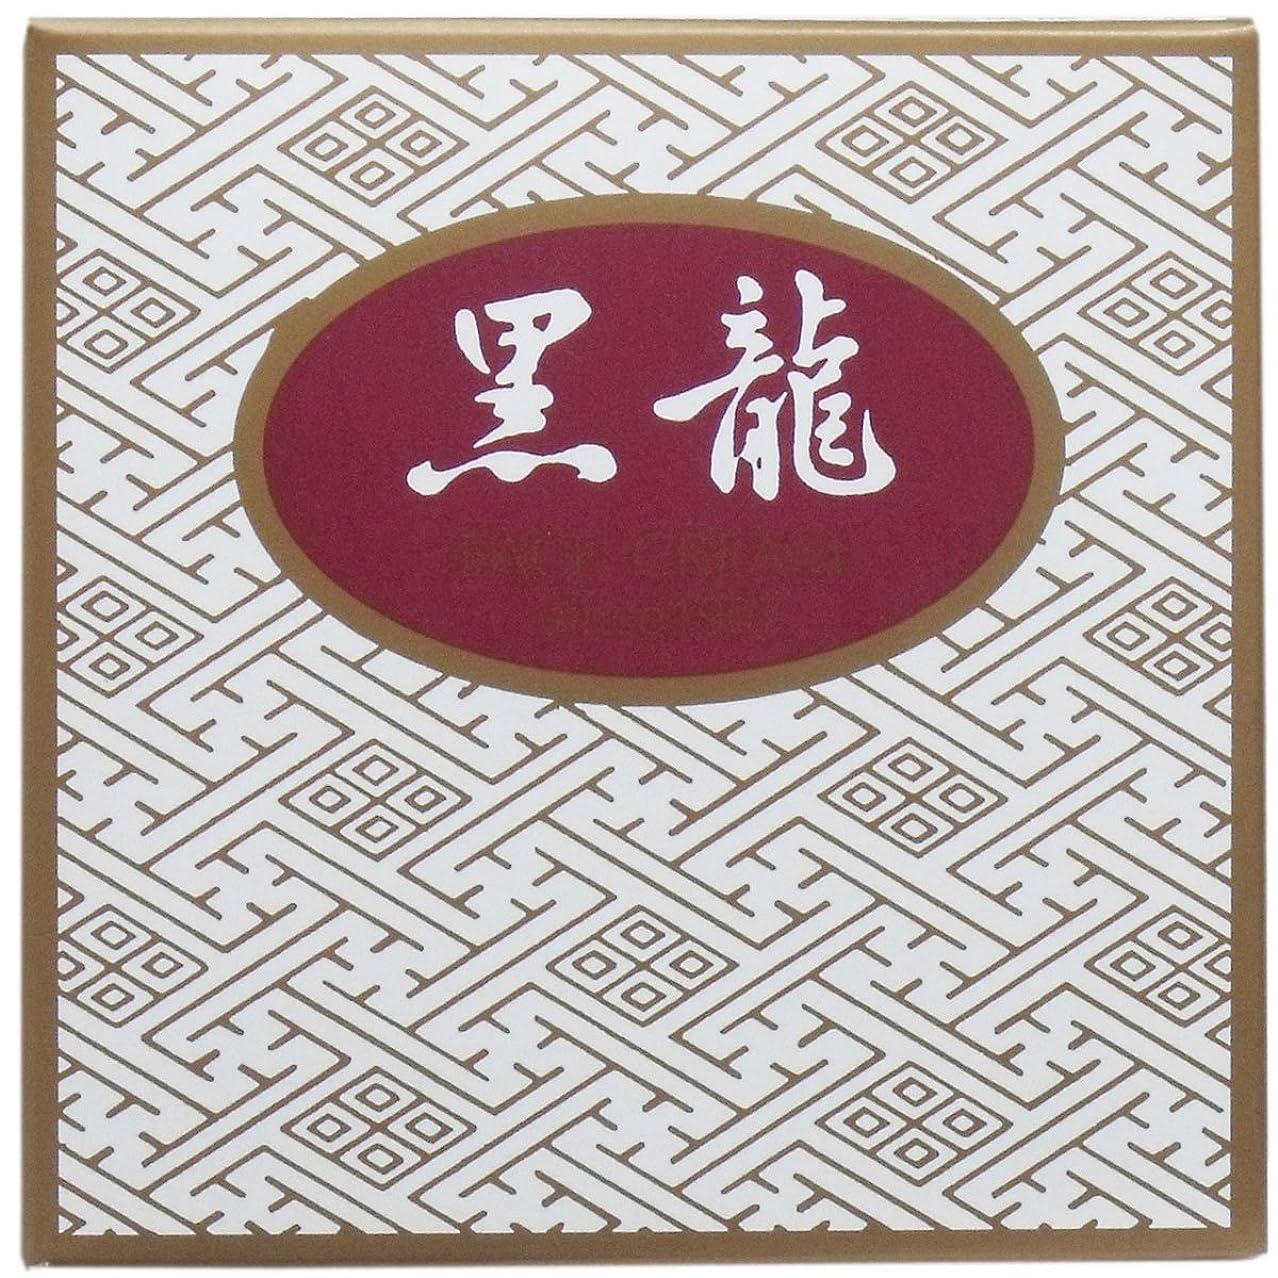 ホールドオール満足収縮薬効クリーム 黒龍 金線 70g×3個セット